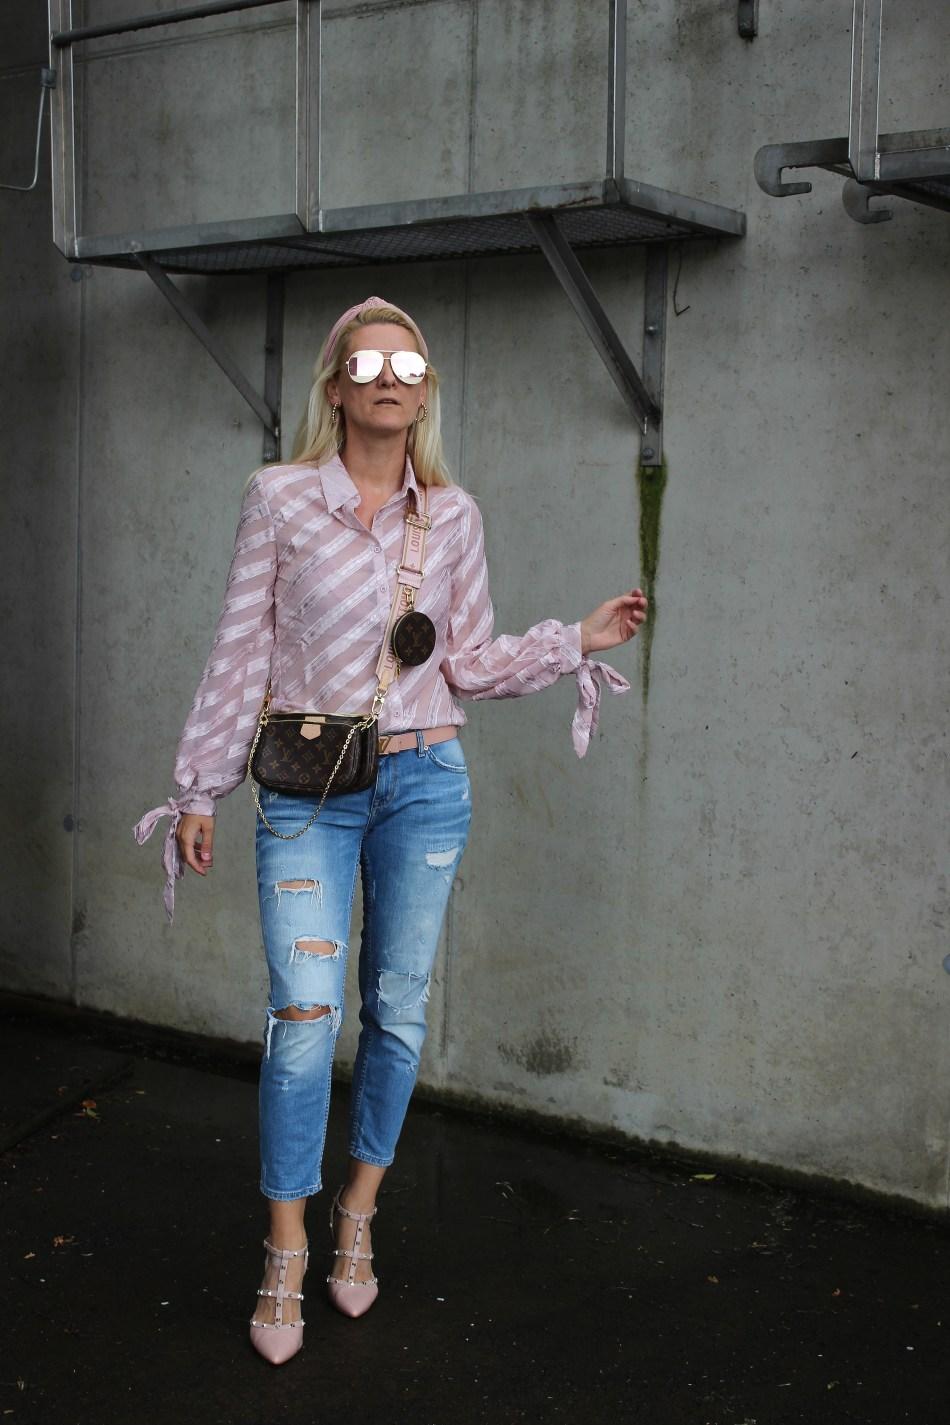 Blusentrends 2020-Asymetrische Bluse- Oversizes Ärmel Bluse-Nakd Fashion-Bloggerstyle-Tamara Prutsch-carrieslifestyle-Denim-Valentino Rockstud Sandals-Louis Vuitton Tasche